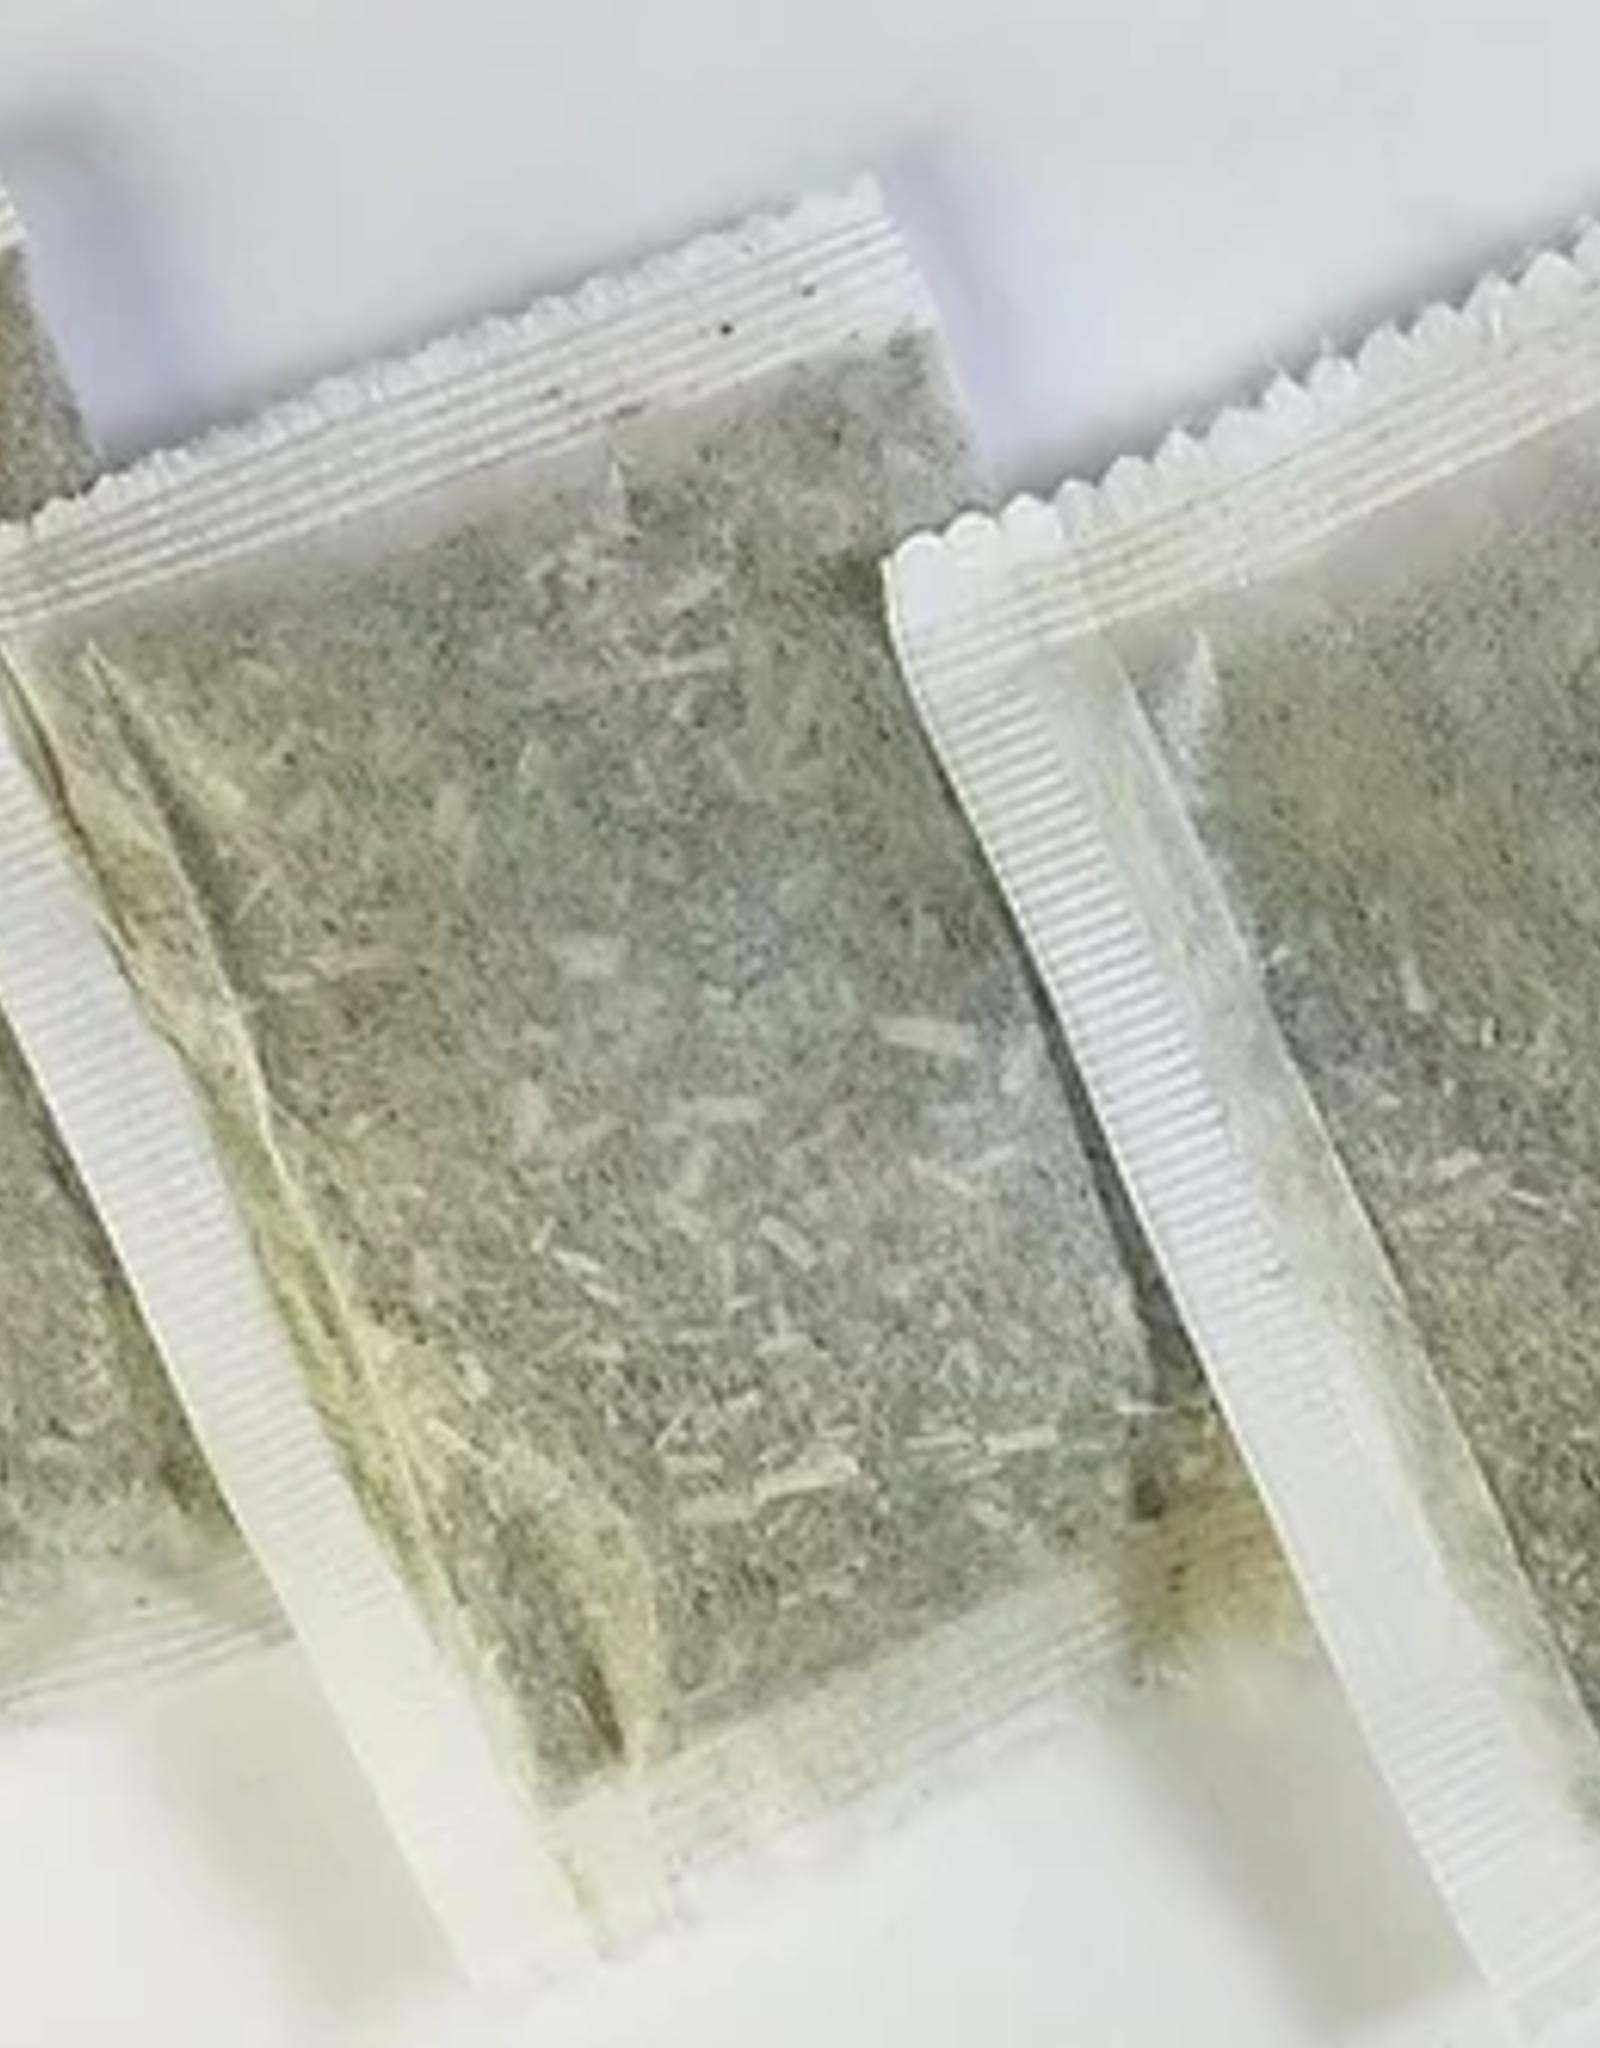 Nip-Naps Pockets Catnip Tea Bag Refill